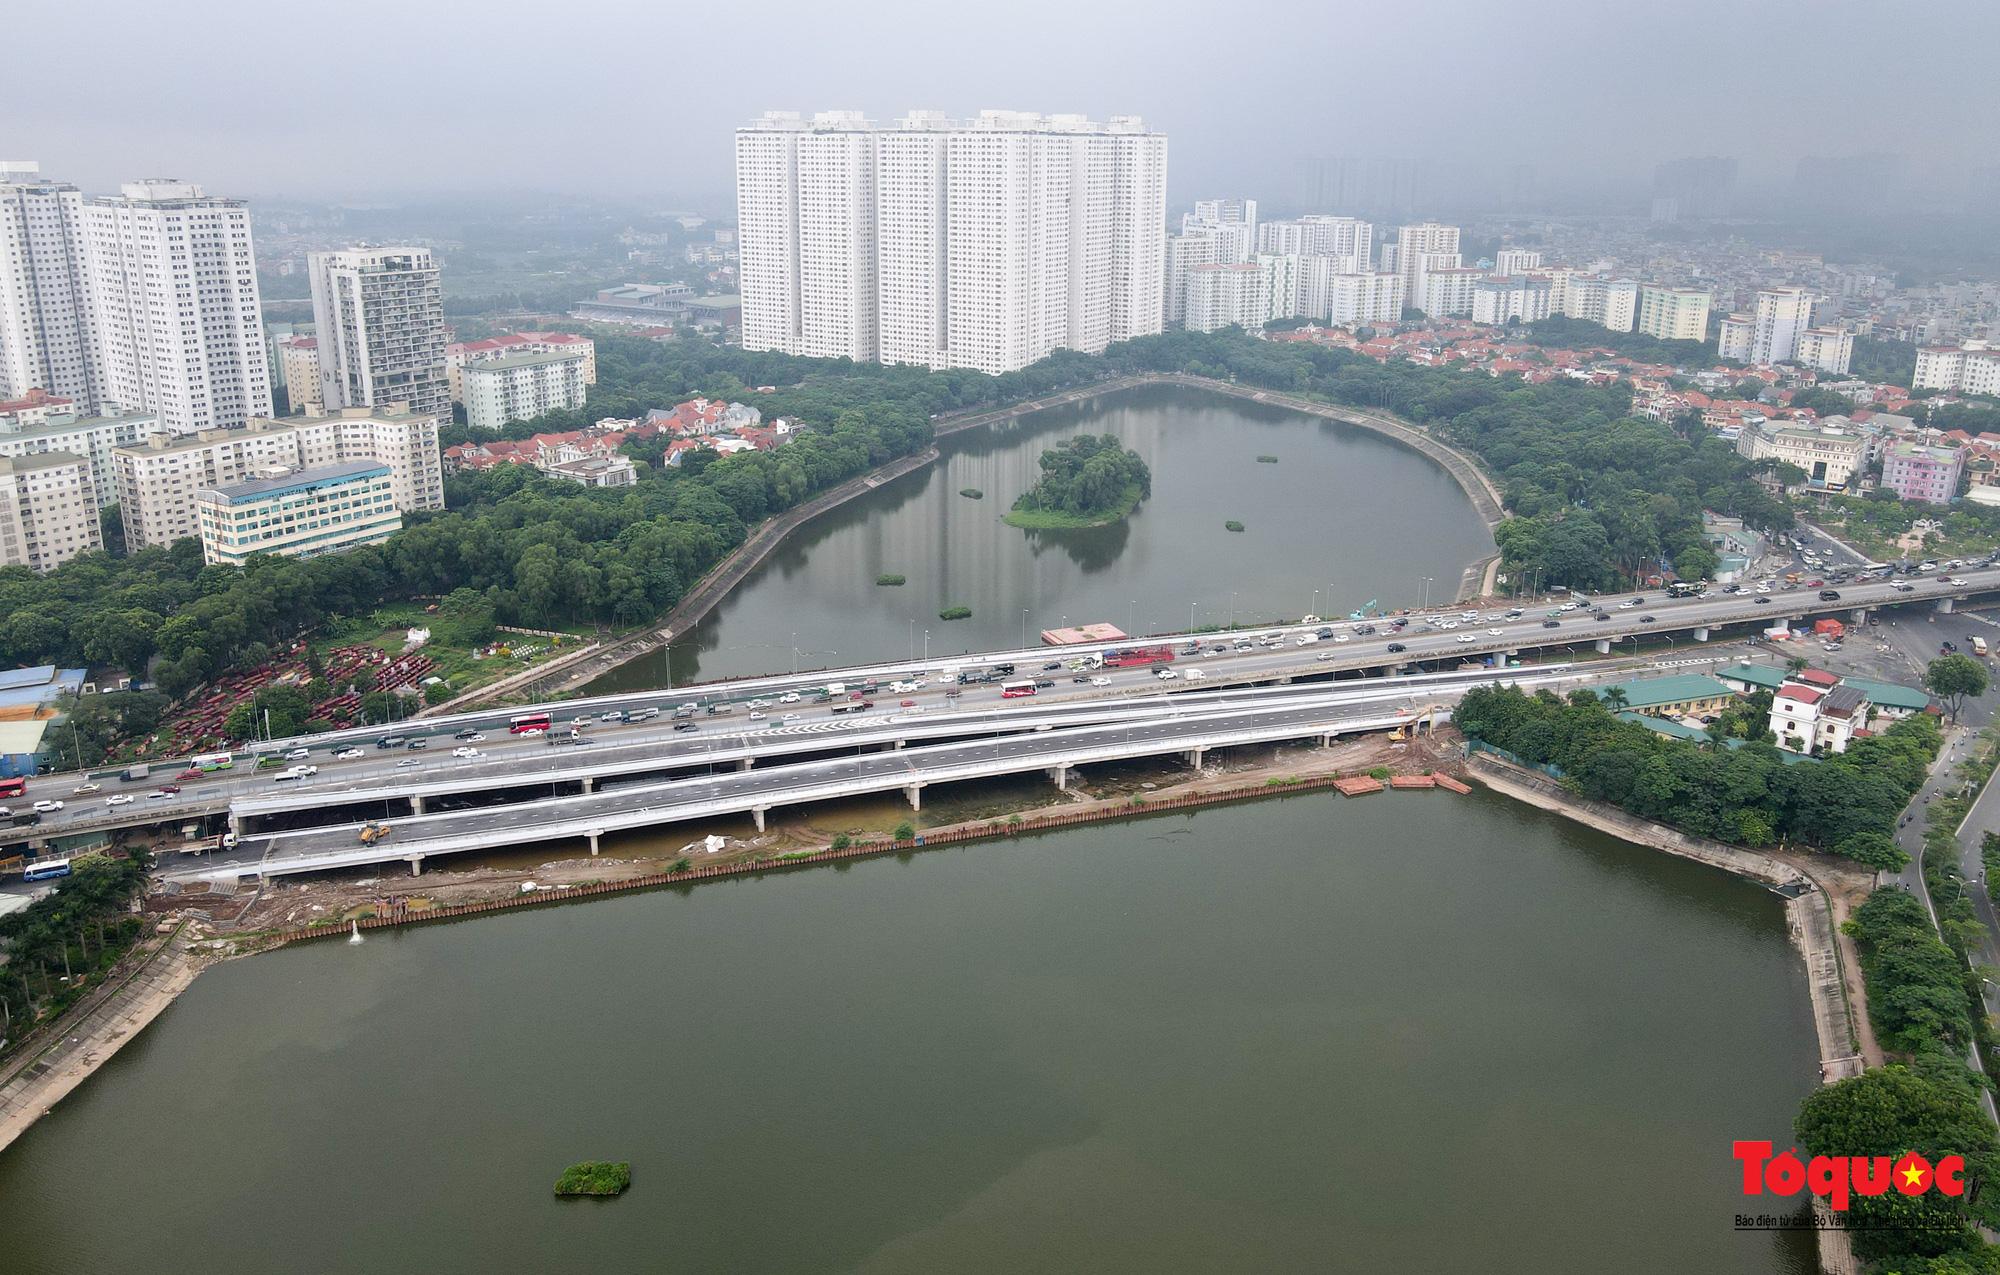 Dấu ấn những công trình giao thông tạo nên diện mạo mới cho Thủ đô Hà Nội năm 2020 - Ảnh 12.